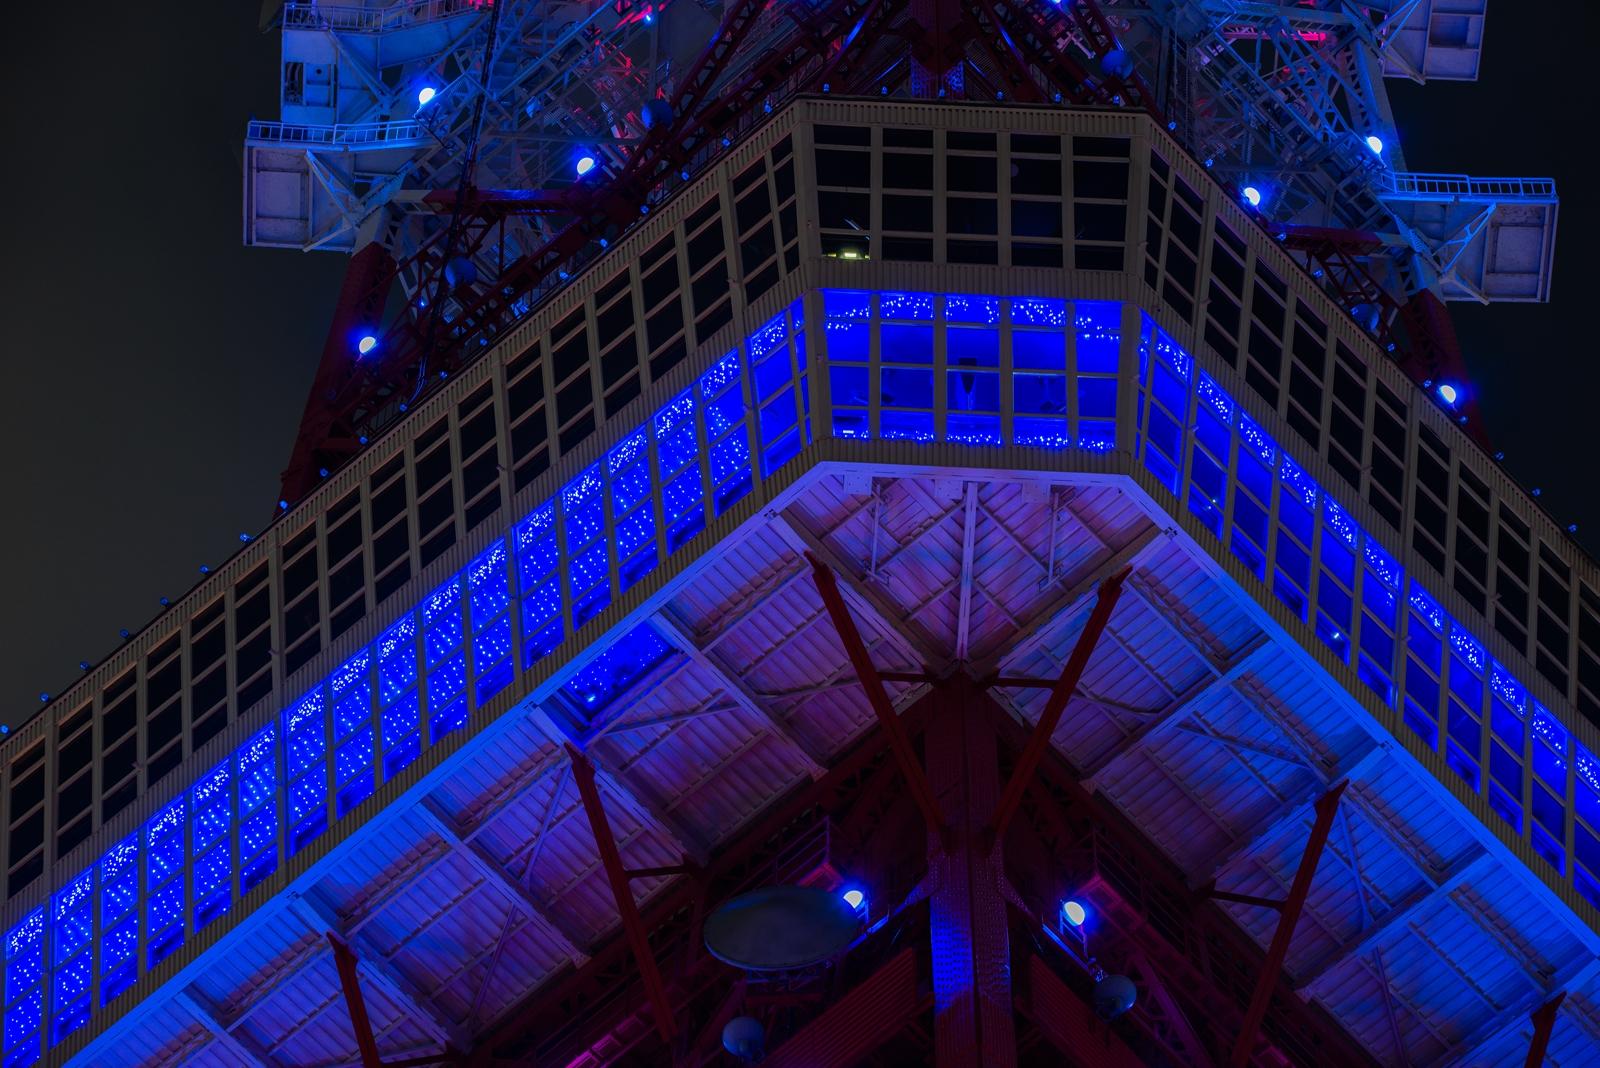 Photo: 青いタワー Blue Tokyo Tower.  赤いタワーが アクアブルーに輝き 夏の夜に 涼しげな気持ちにさせてくれました。  Tokyo Tower (東京タワー:ダイヤモンドヴェール) #cooljapan #tower #nikon #sigma #東京フォト #tokyophoto  Nikon D800E SIGMA 150-600mm F5-6.3 DG OS HSM Contemporary